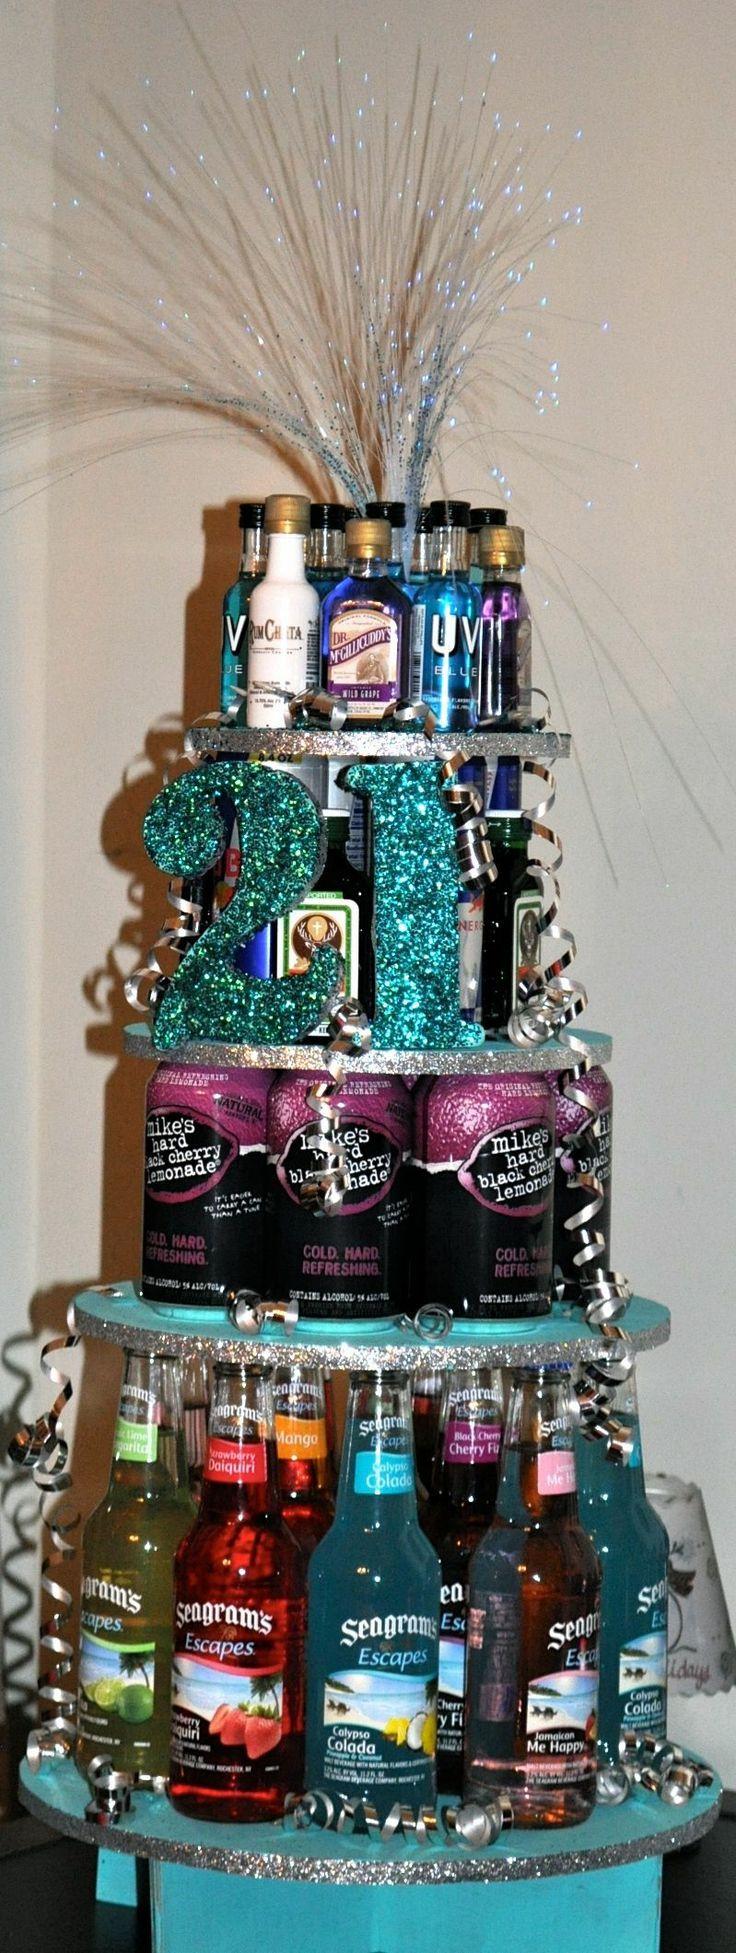 Torta Hecha De Licores Y Botellas De Cerveza Para Fiesta De Milla Te Sirve Como Centros De Mesa Decoracion 21st Birthday Gifts 21st Birthday 21st Bday Ideas